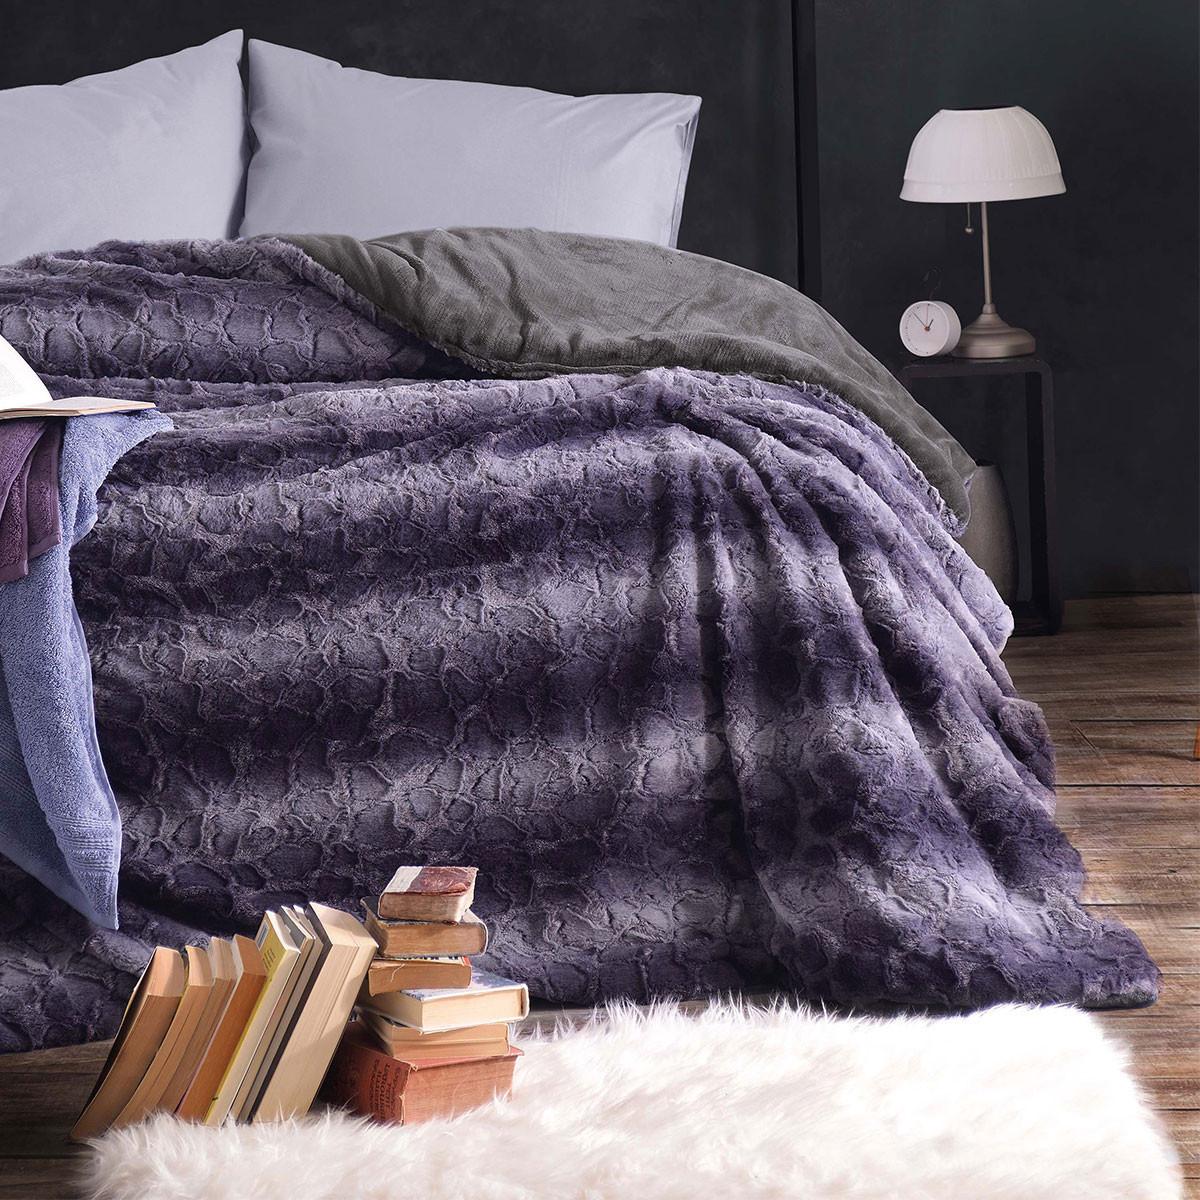 Κουβερτοπάπλωμα Μονό Rythmos Lusso home   κρεβατοκάμαρα   παπλώματα   κουβερτοπαπλώματα